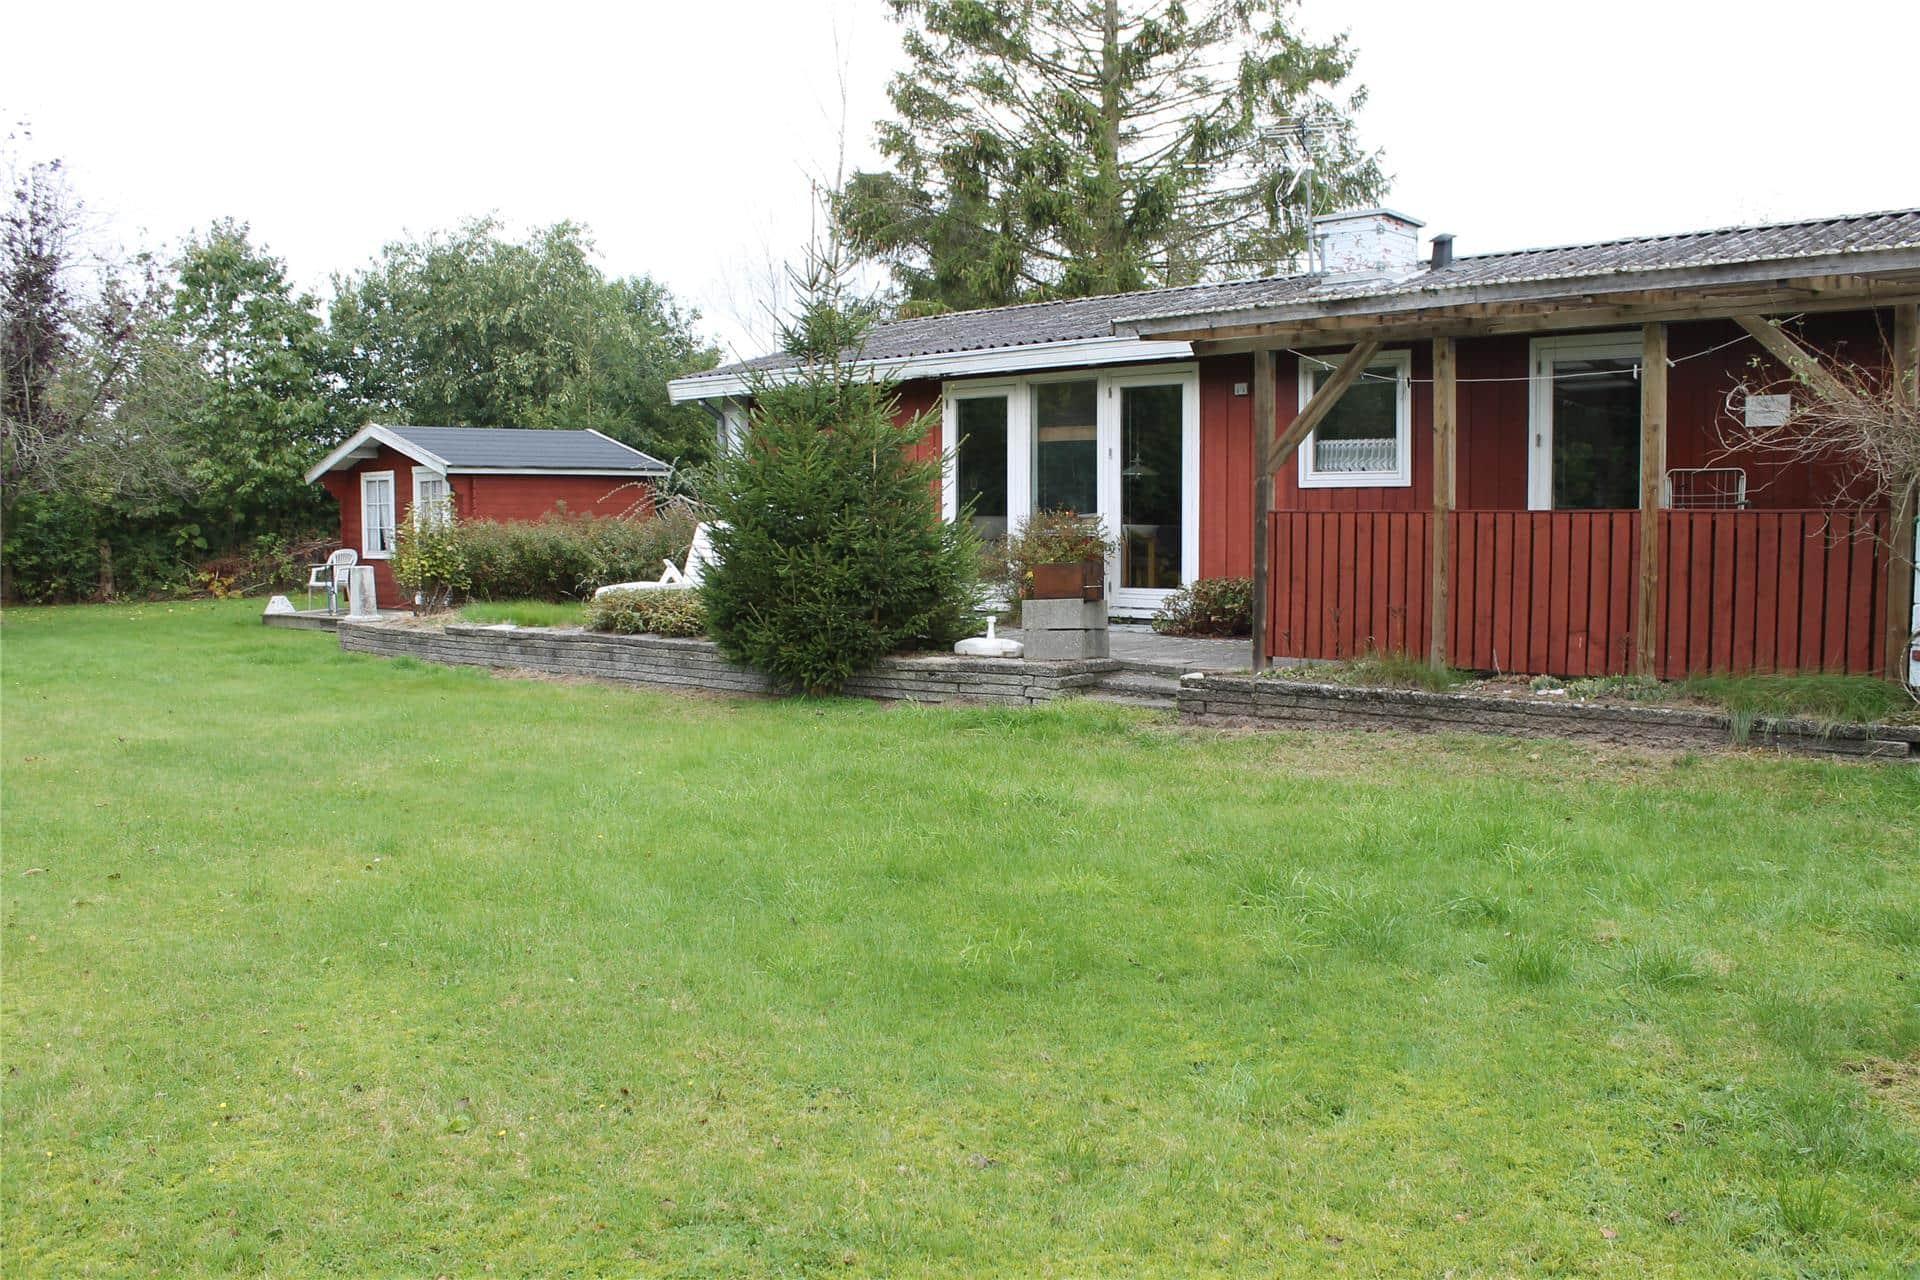 Bilde 1-23 Feirehus 8587, Bygtoften 10, DK - 8585 Glesborg